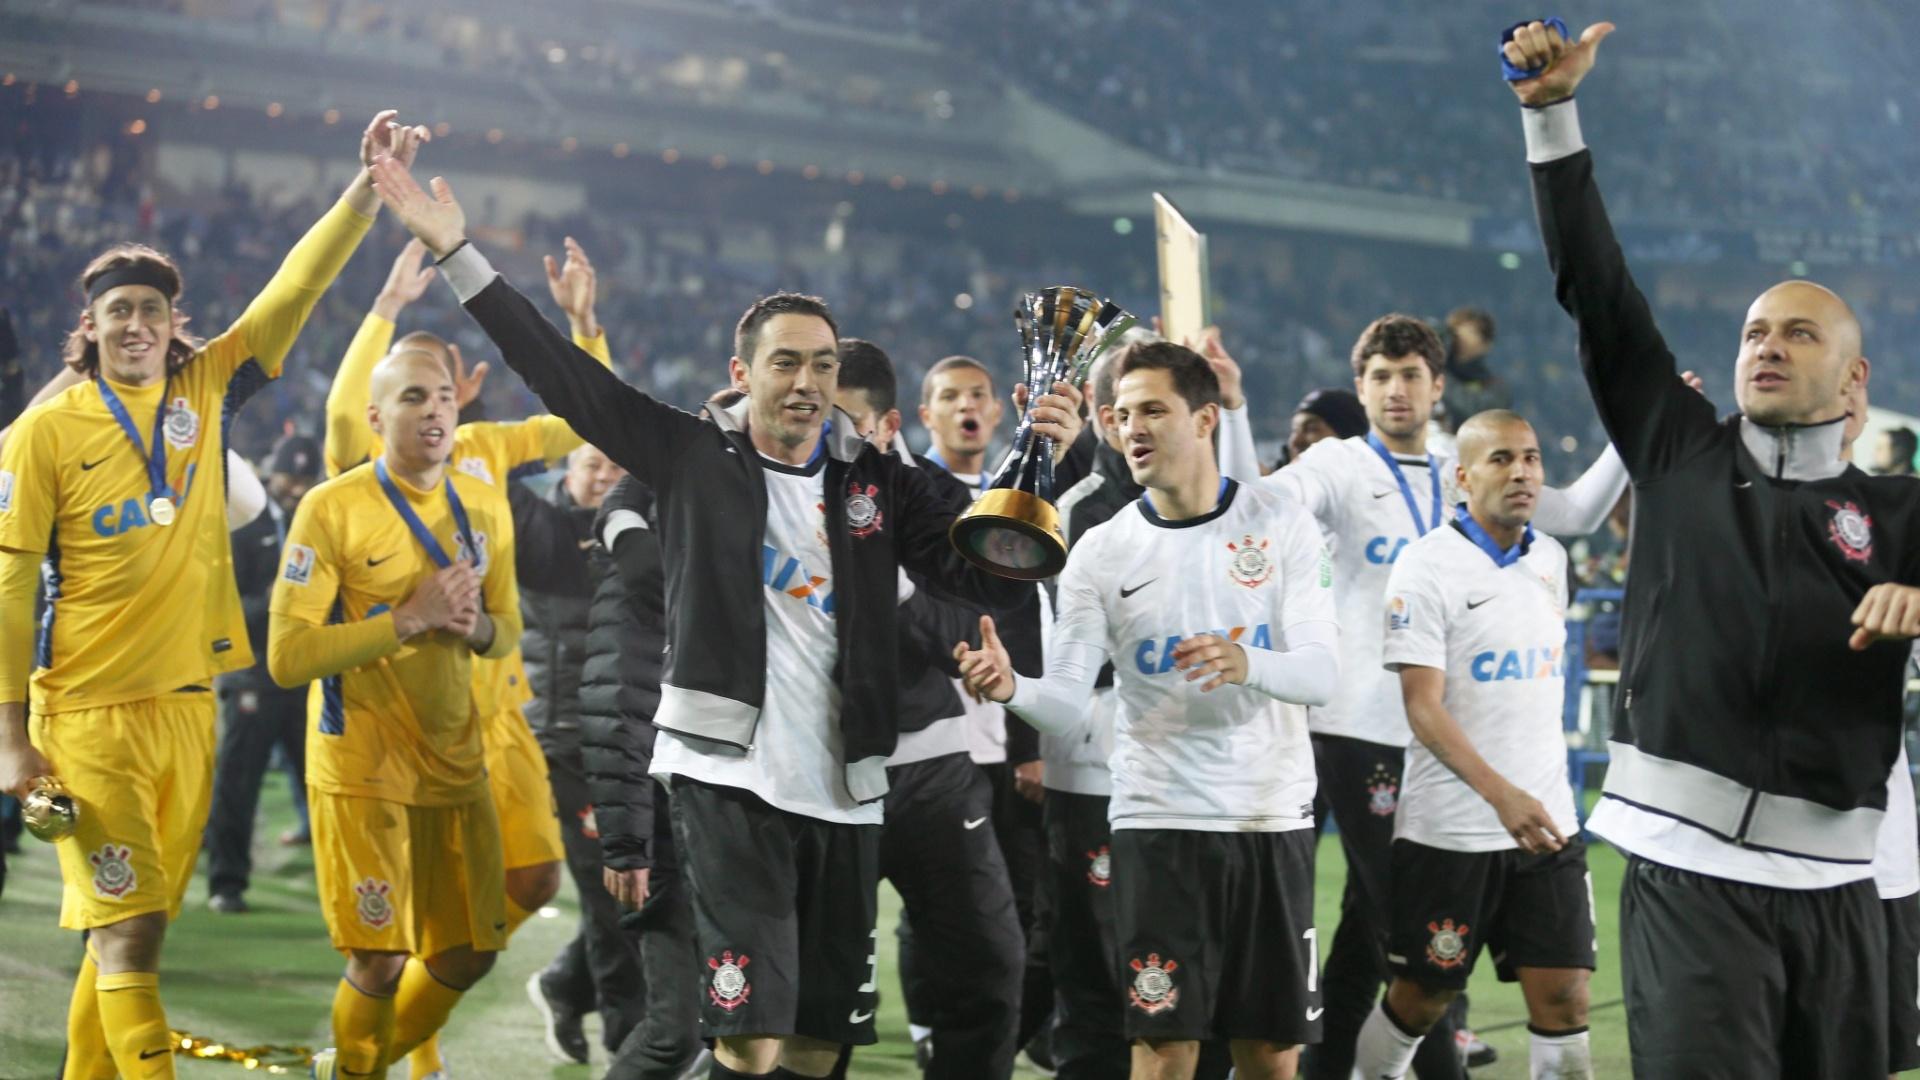 16.dez.2012 - Jogadores do Corinthians dão a volta Olímpica no Estádio Internacional de Yokohama após a vitória por 1 a 0 do Chelsea na final do Mundial de Clubes da Fifa